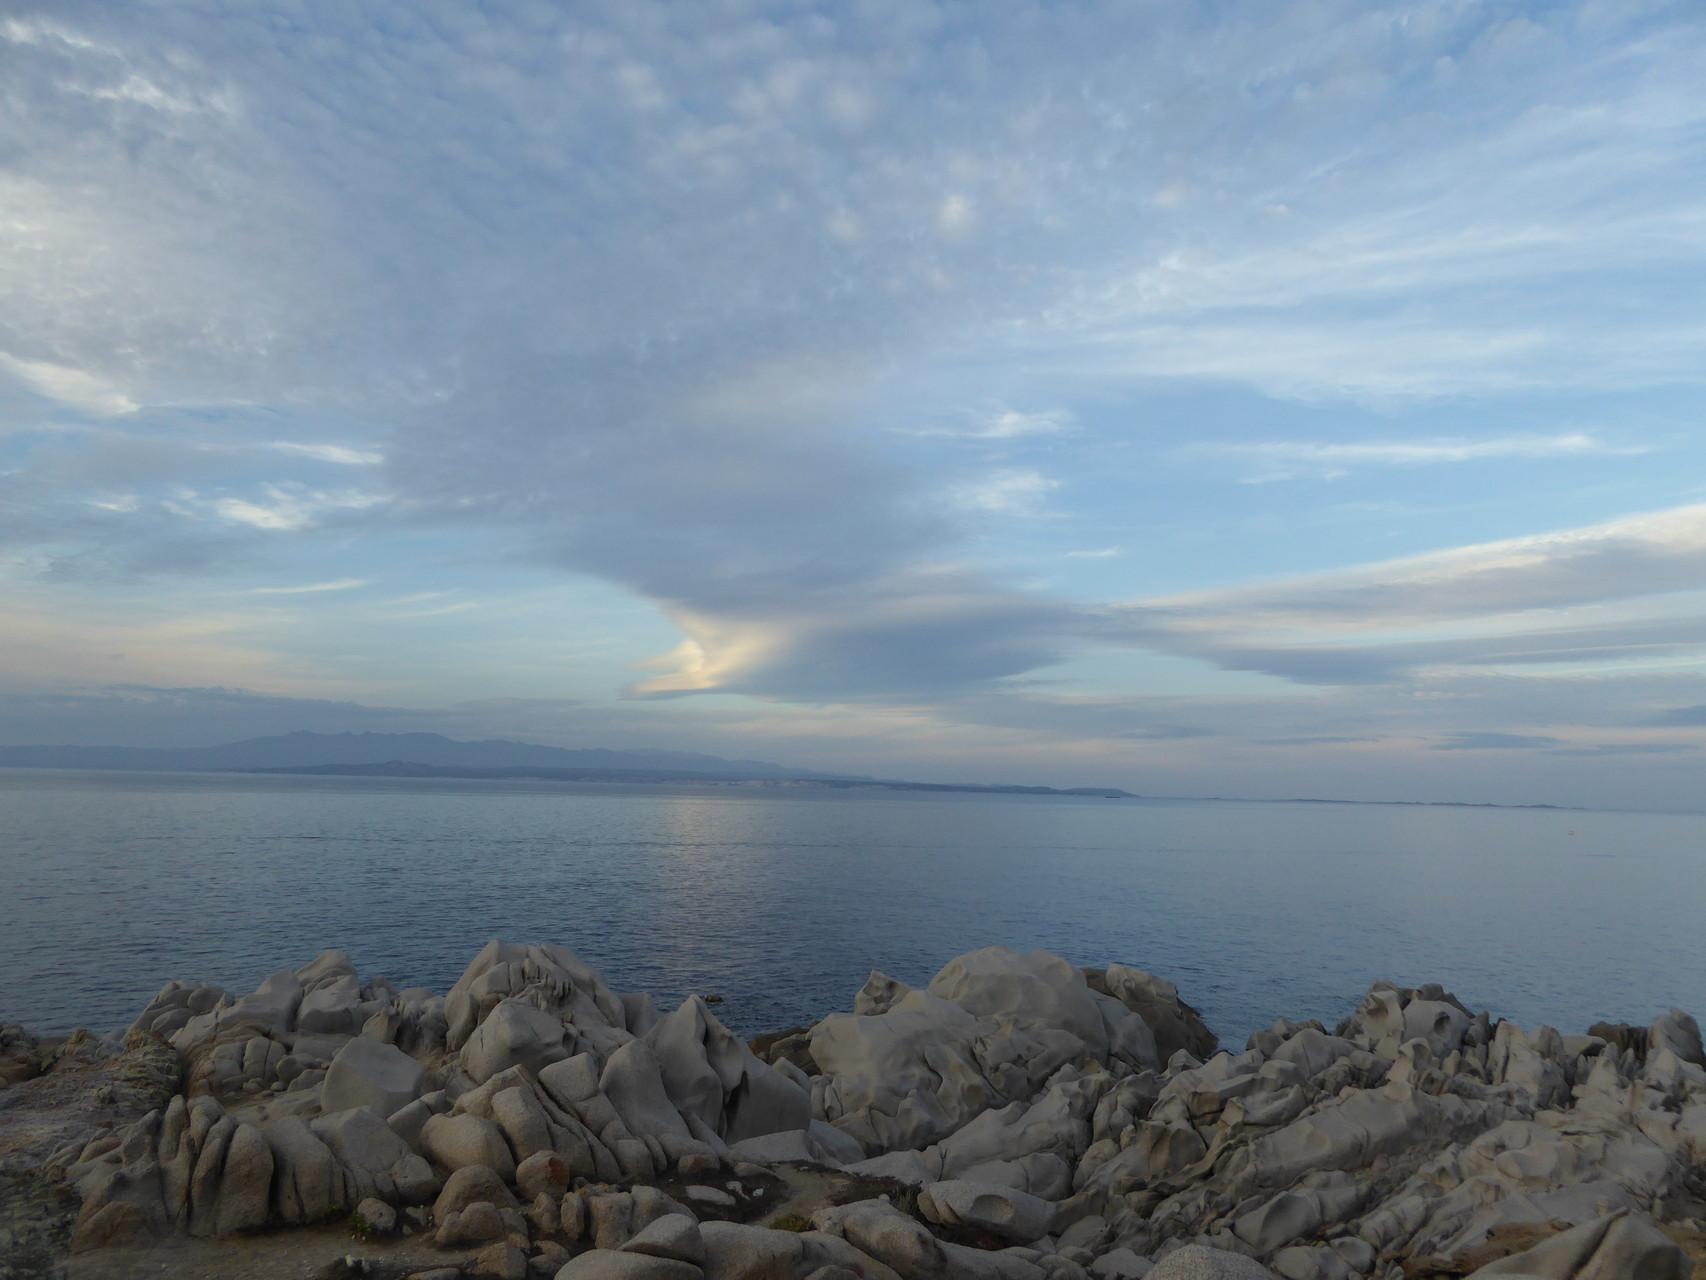 In der romantischen Abendstimmung am Capo Testa taucht Konkurrenz am Horizont auf... In der Ferne kann man Korsika erahnen.